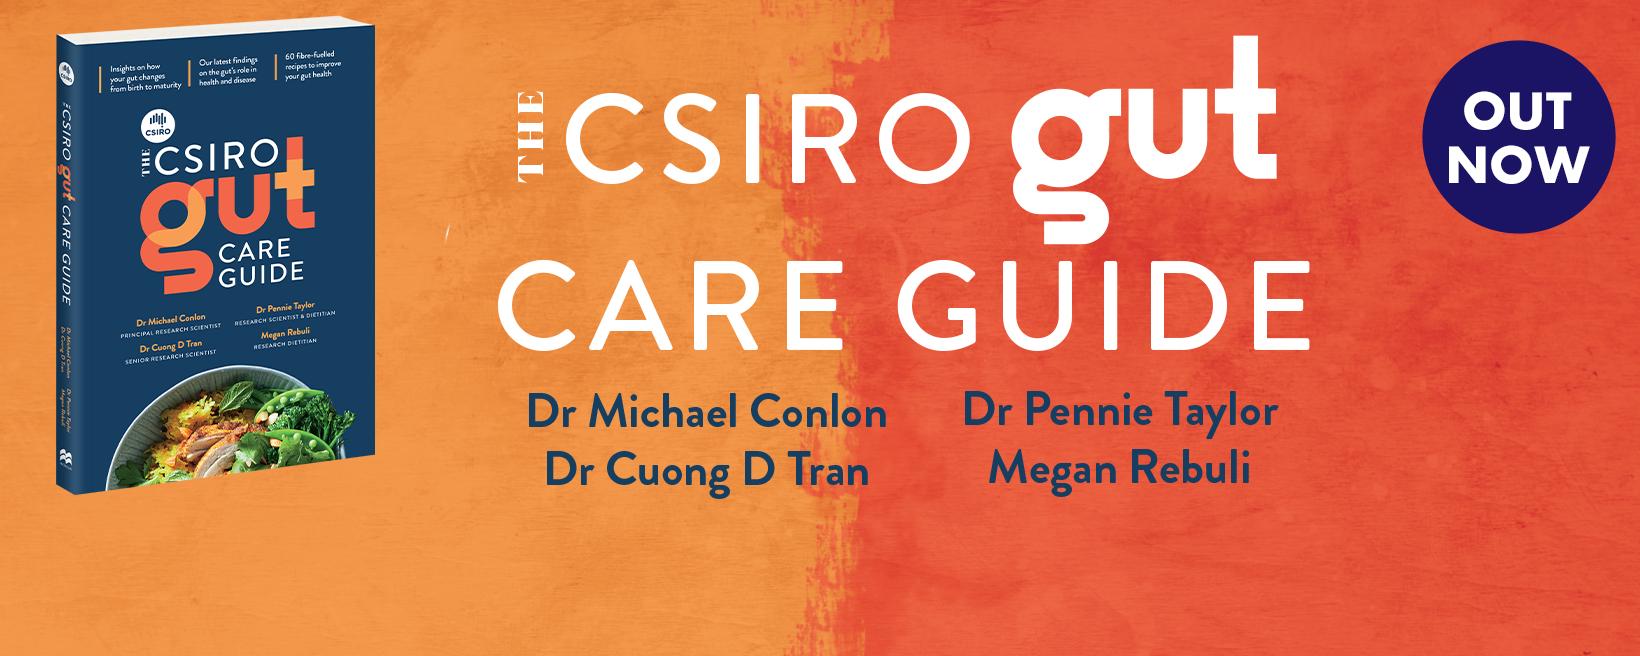 The CSIRO Gut Care Guide